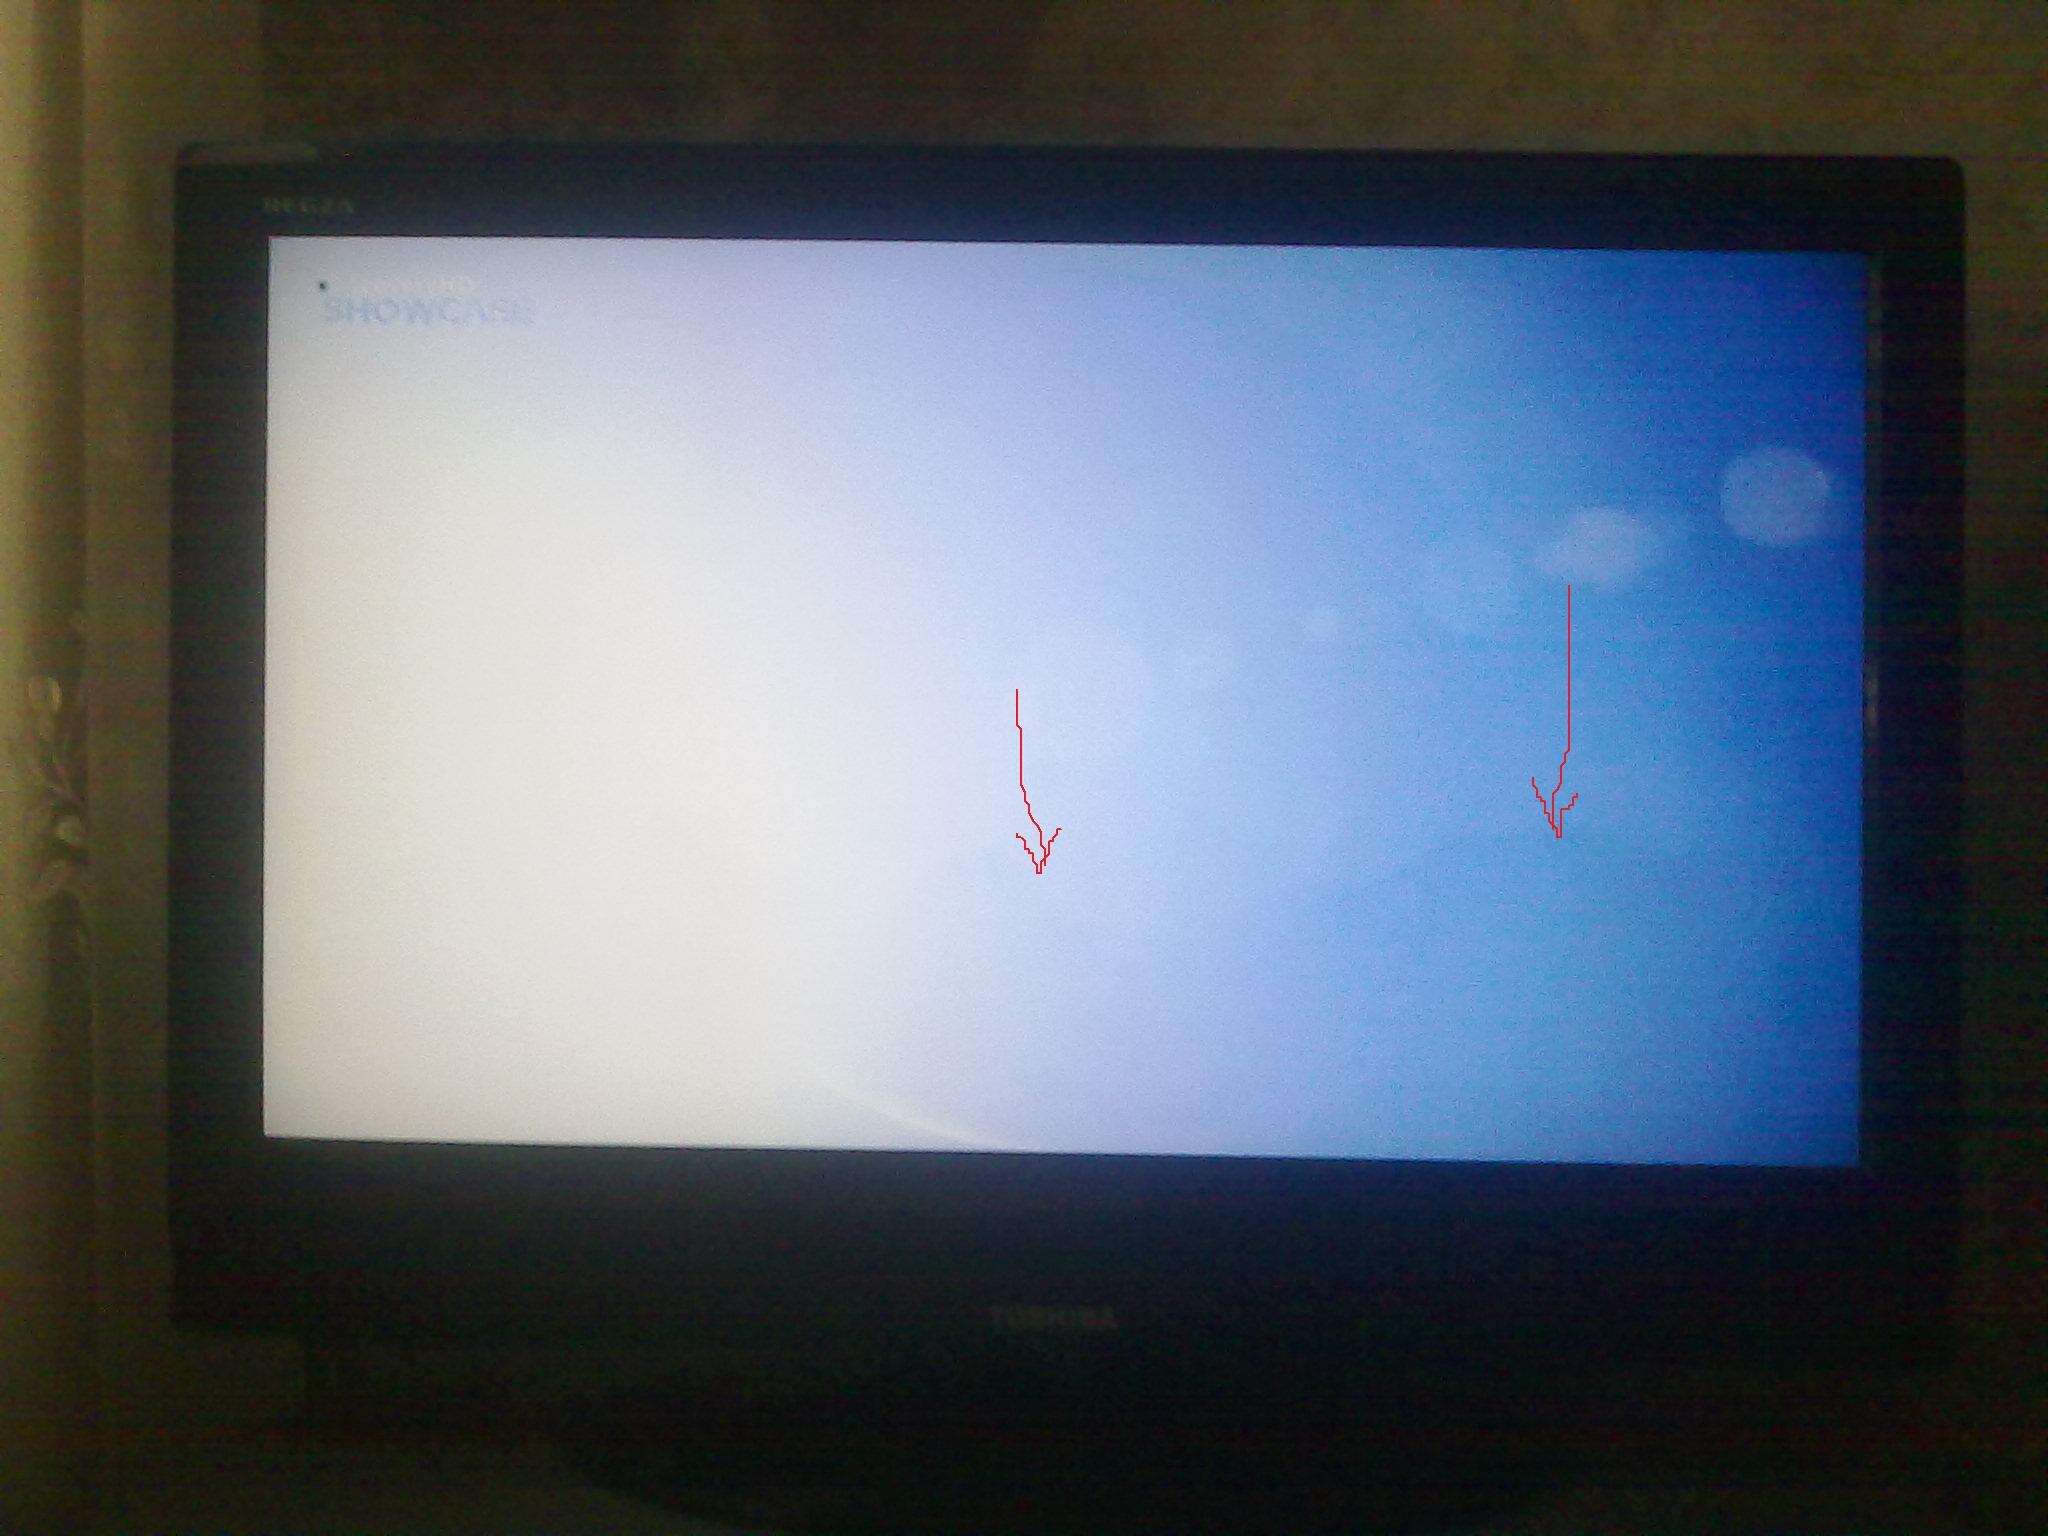 Как предотвратить выключение экрана при просмотре 78